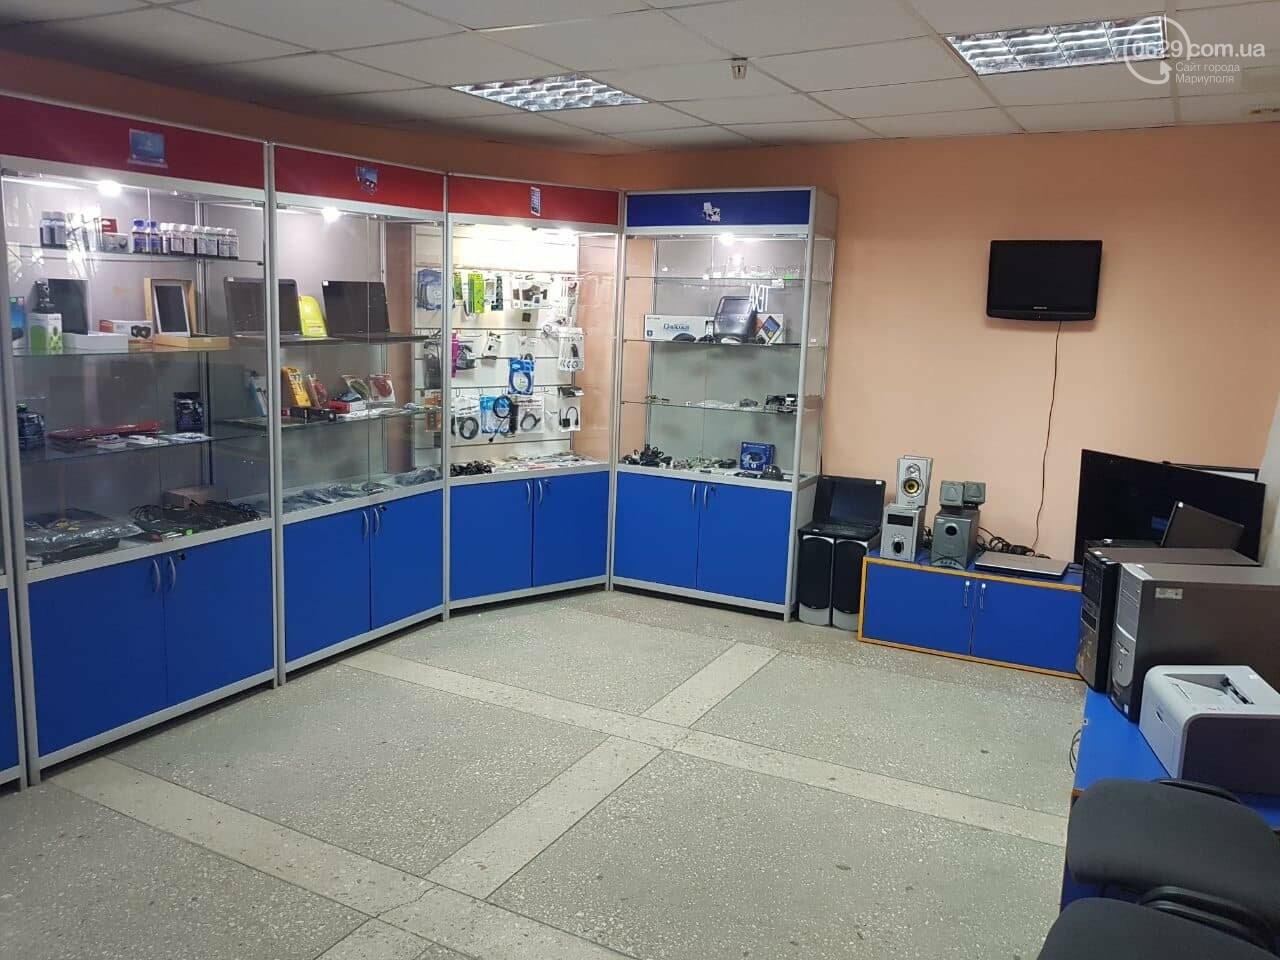 Сервисный центр «Тех-АС»: как сэкономить на ремонте ноутбука в Мариуполе, фото-3